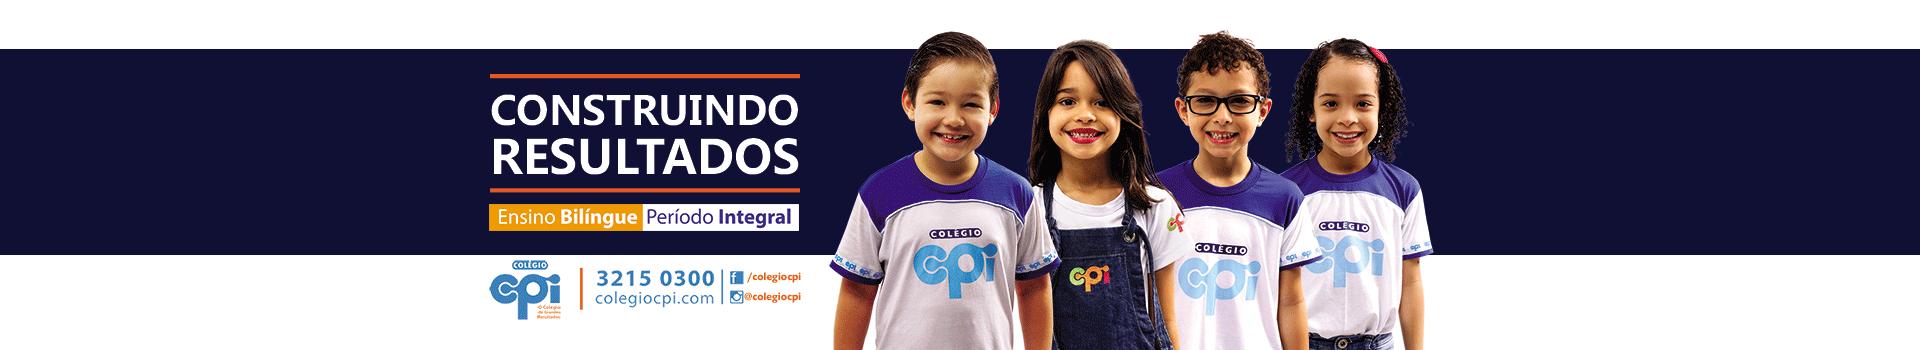 Campanha-CPI-2019-Crianças-1920X350